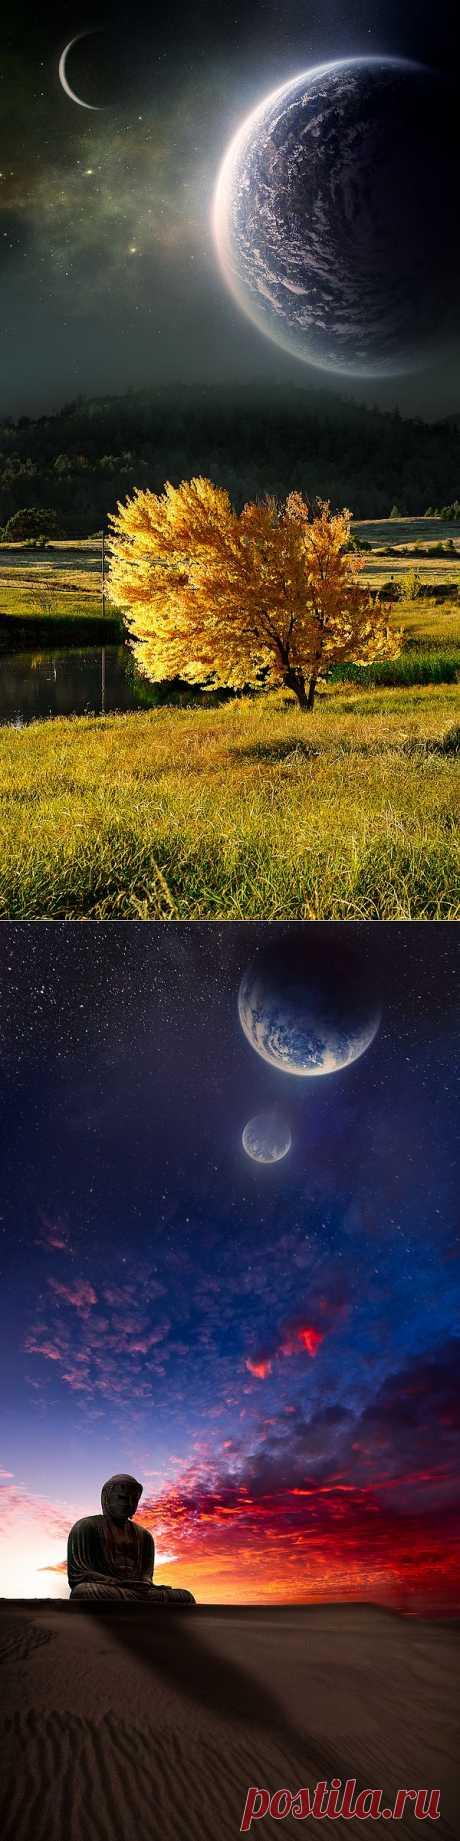 Сказочные пейзажи от Натана Споттса (19 фото)